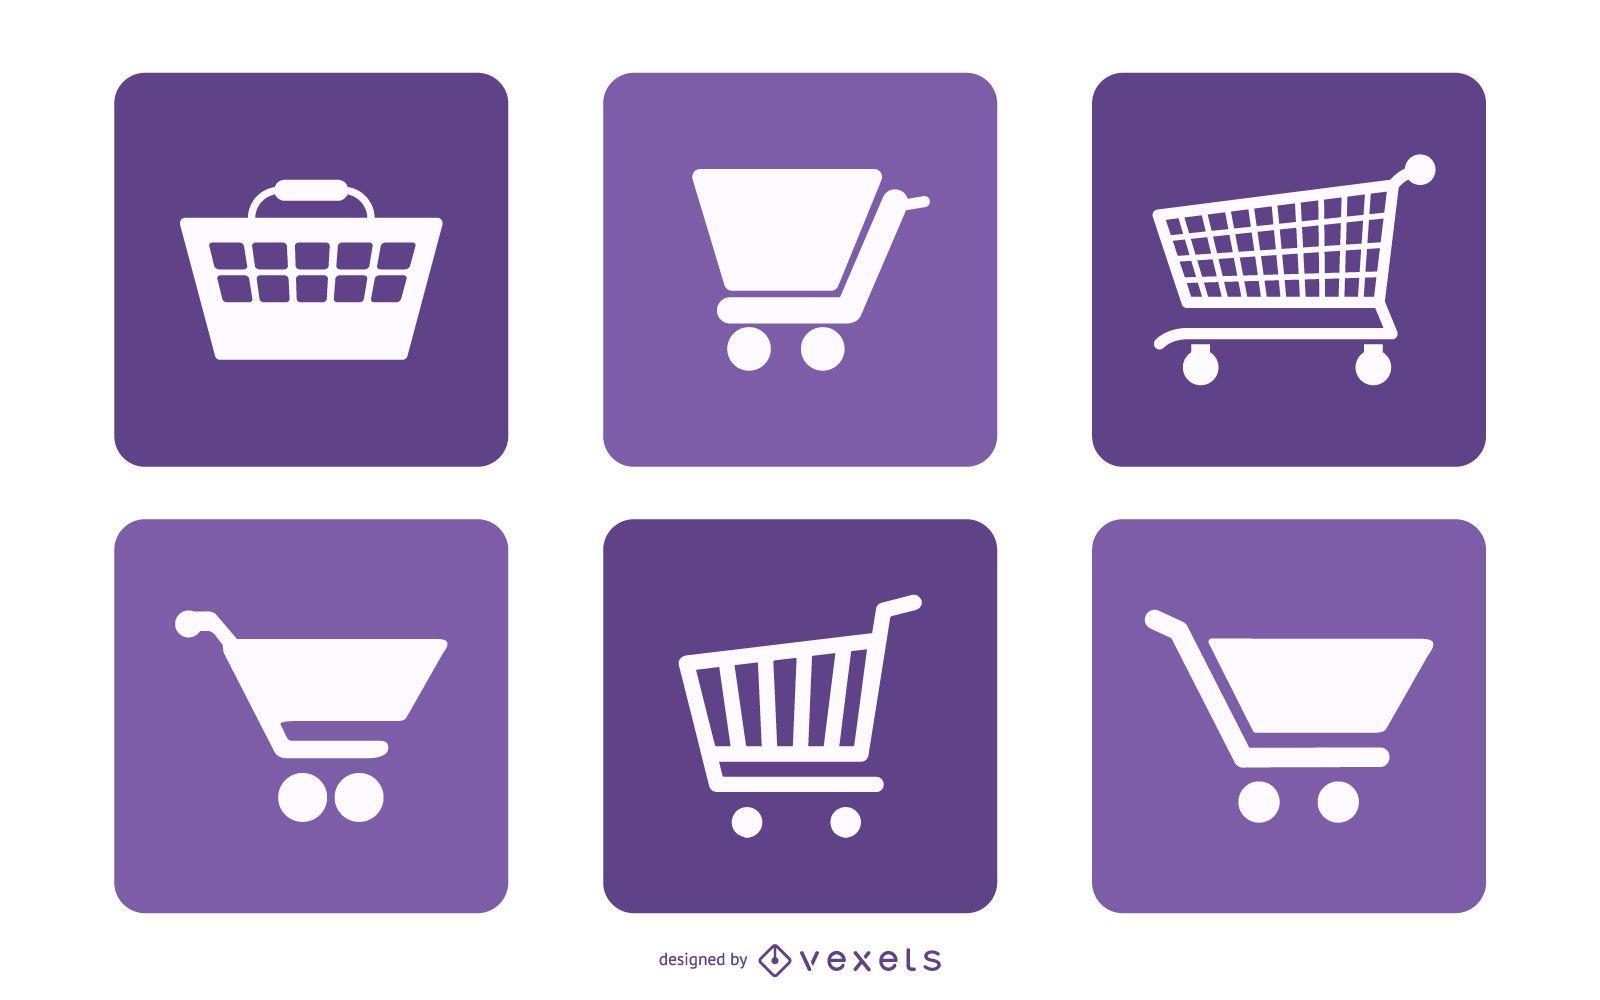 Pacote de quadrados do ícone do carrinho de compras